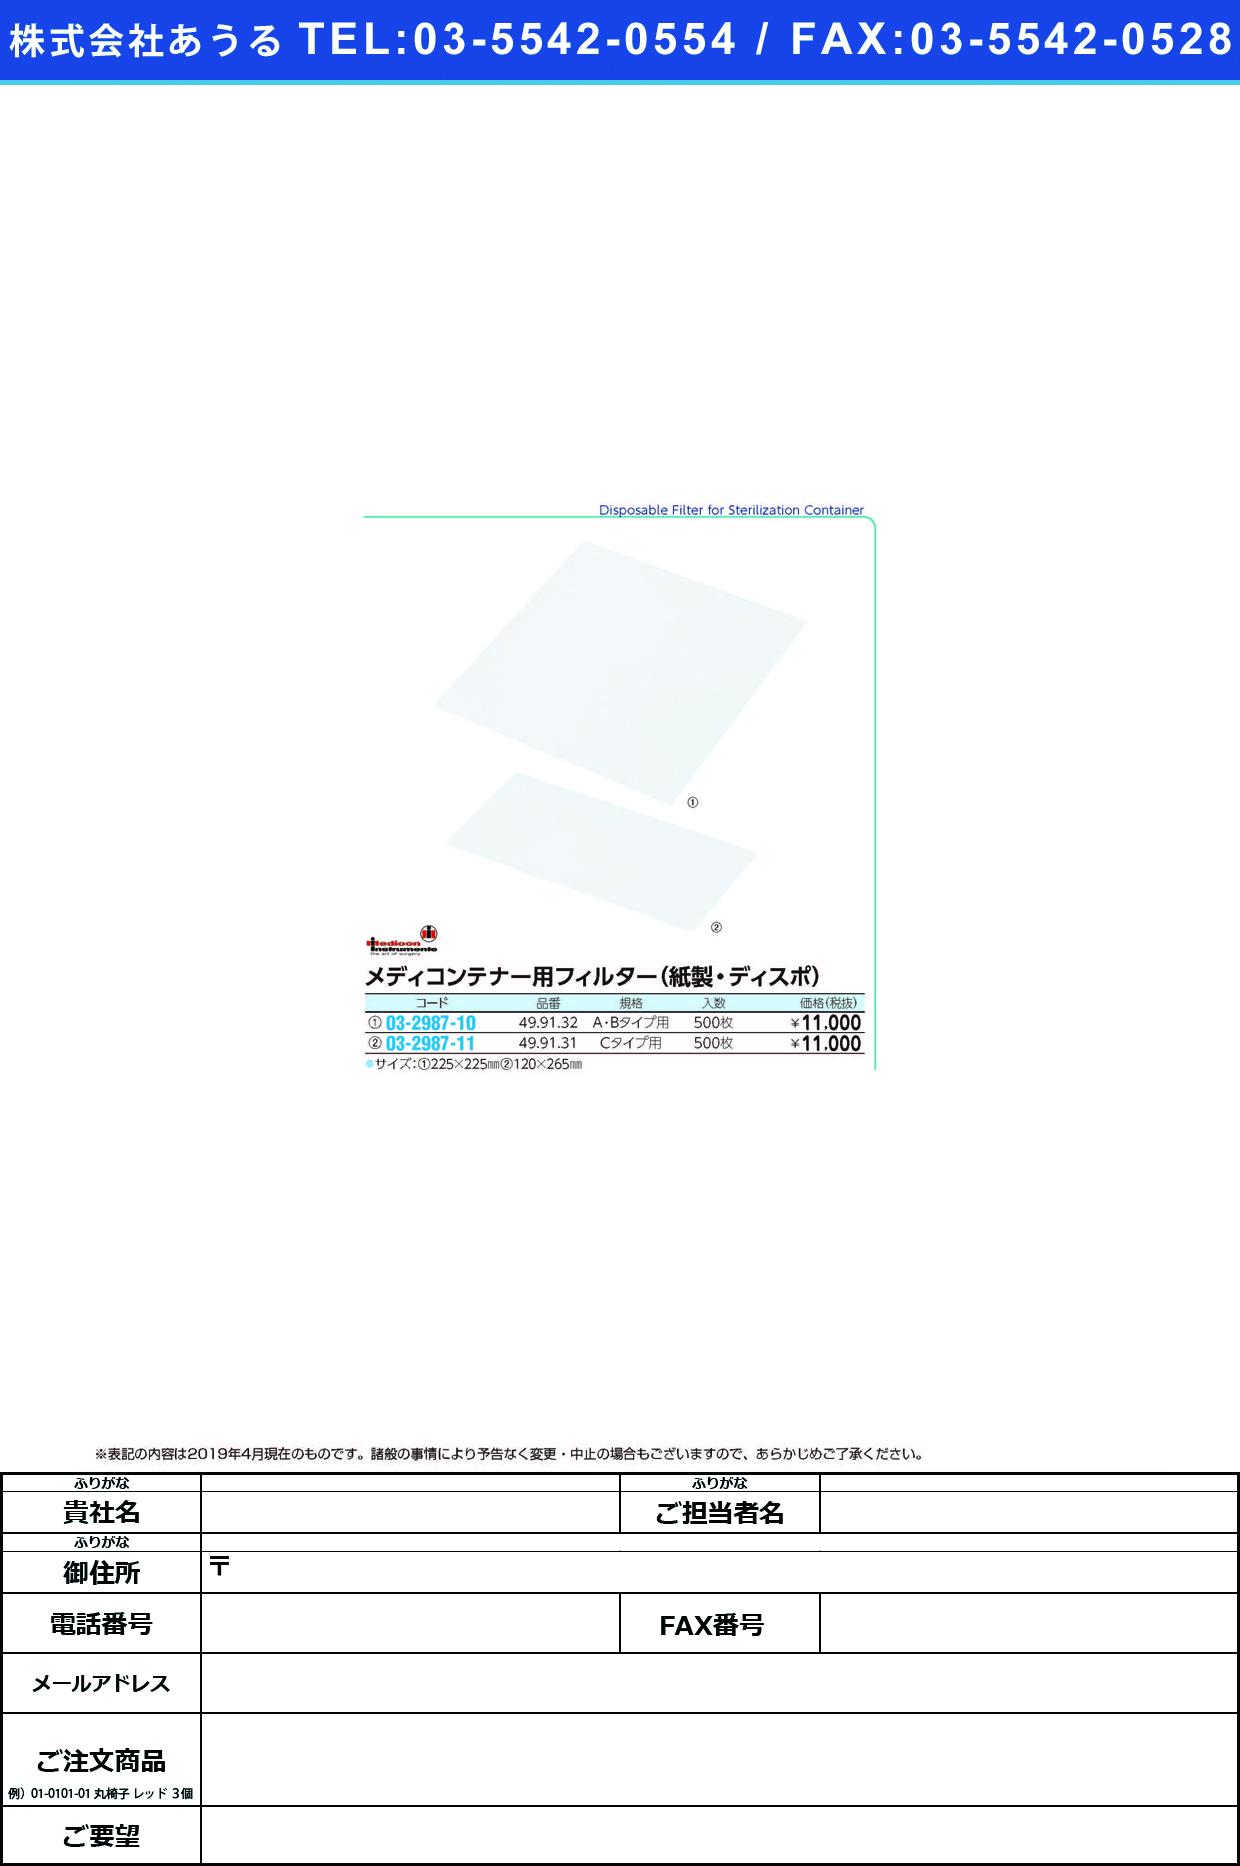 メディコンテナー用フィルター(紙製) 49.91.04(Cヨウ)500マイイリ メディコンテナーフィルター(カミセイ)